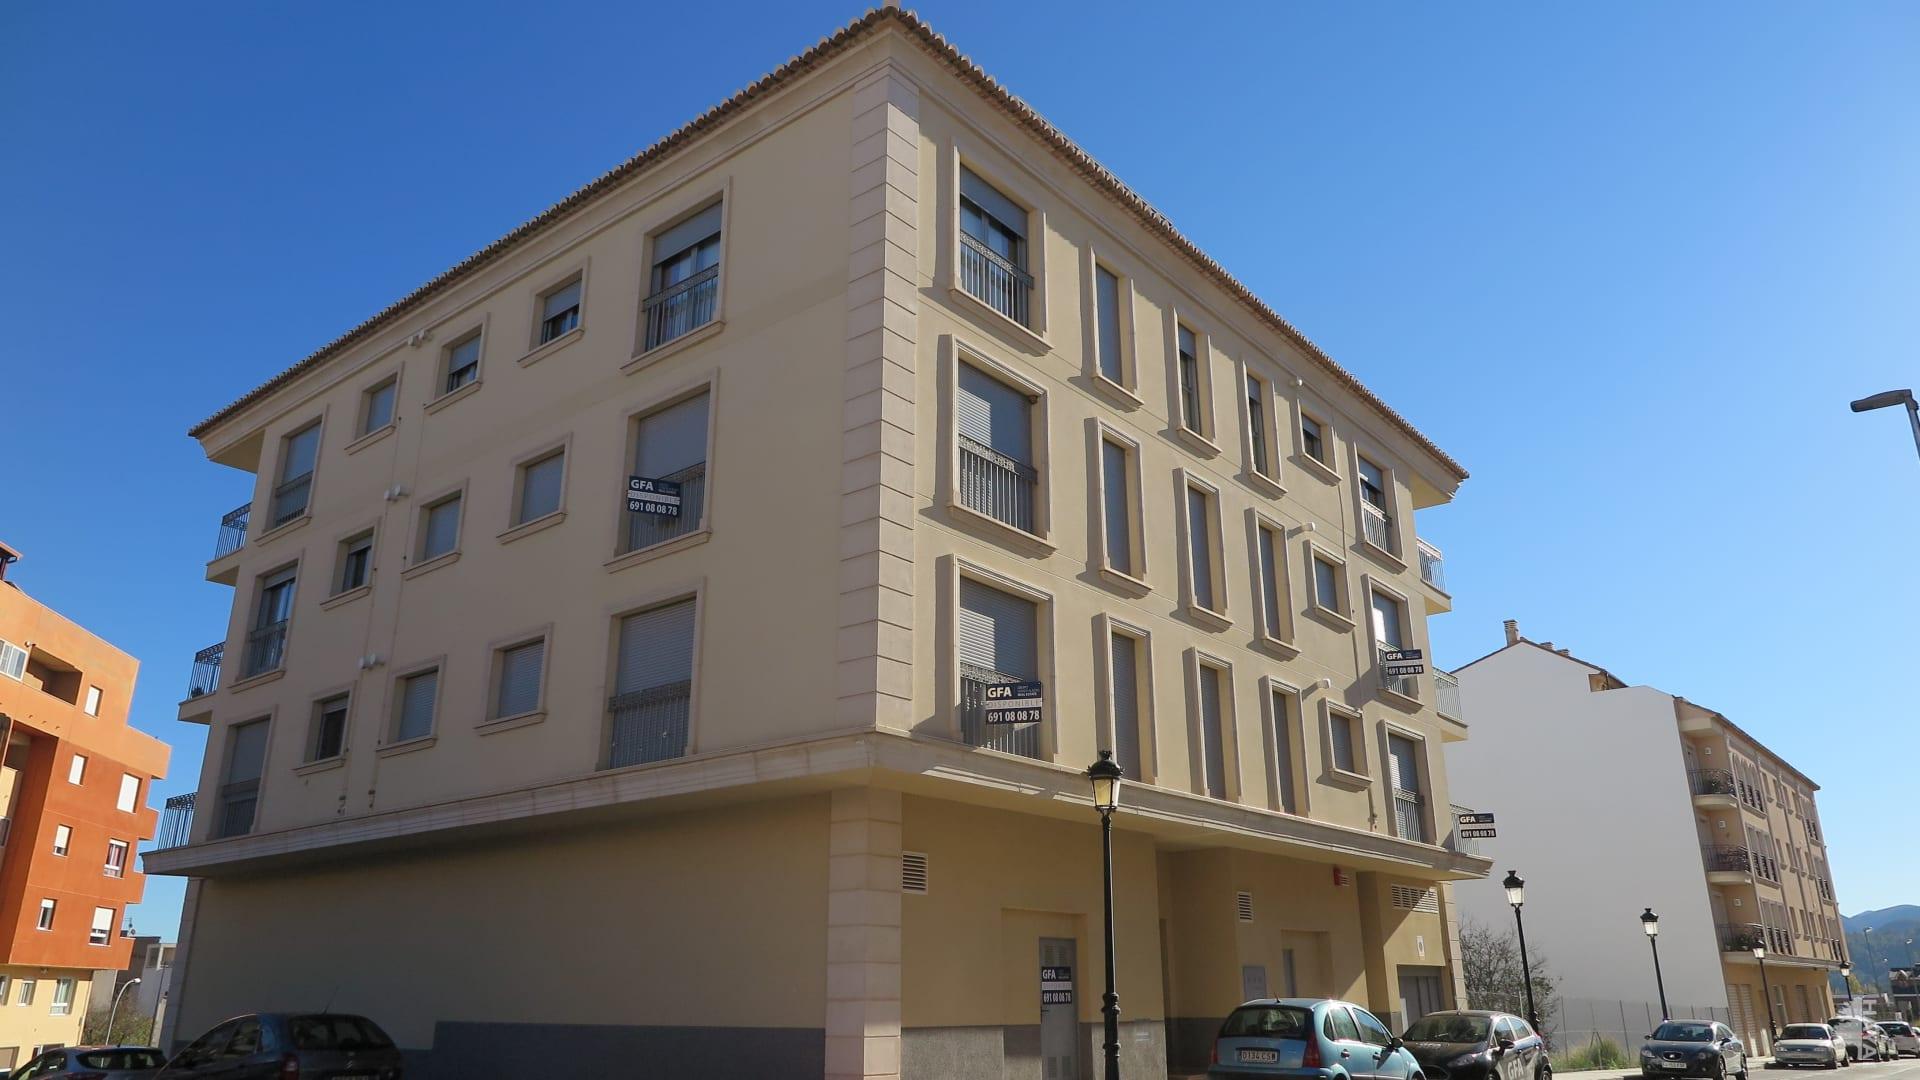 Local en venta en Peñalba, Segorbe, Castellón, Calle Matet, 108.000 €, 159 m2